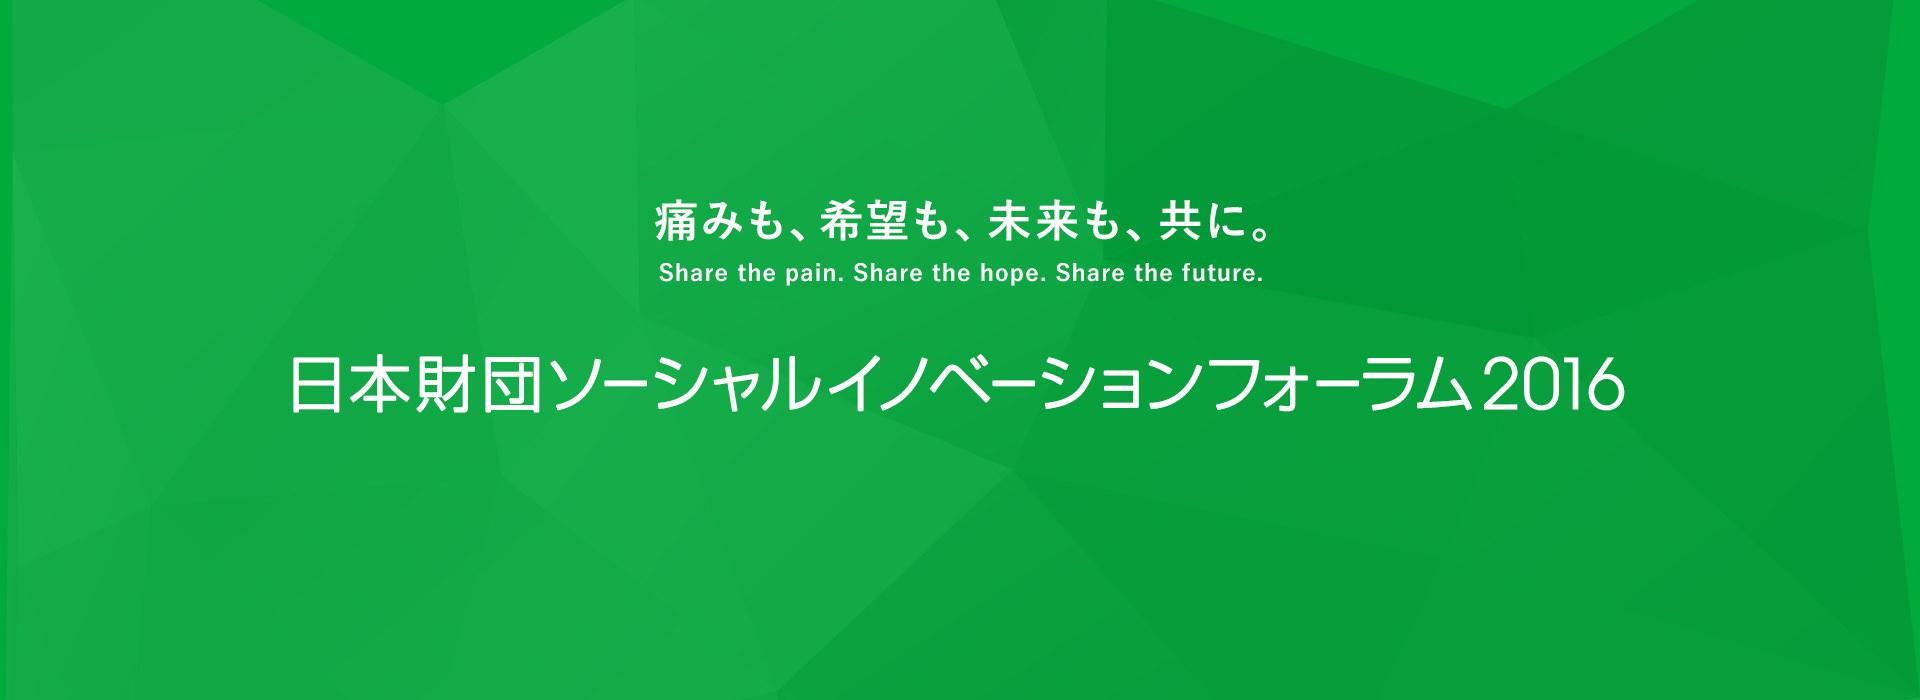 main_top_01